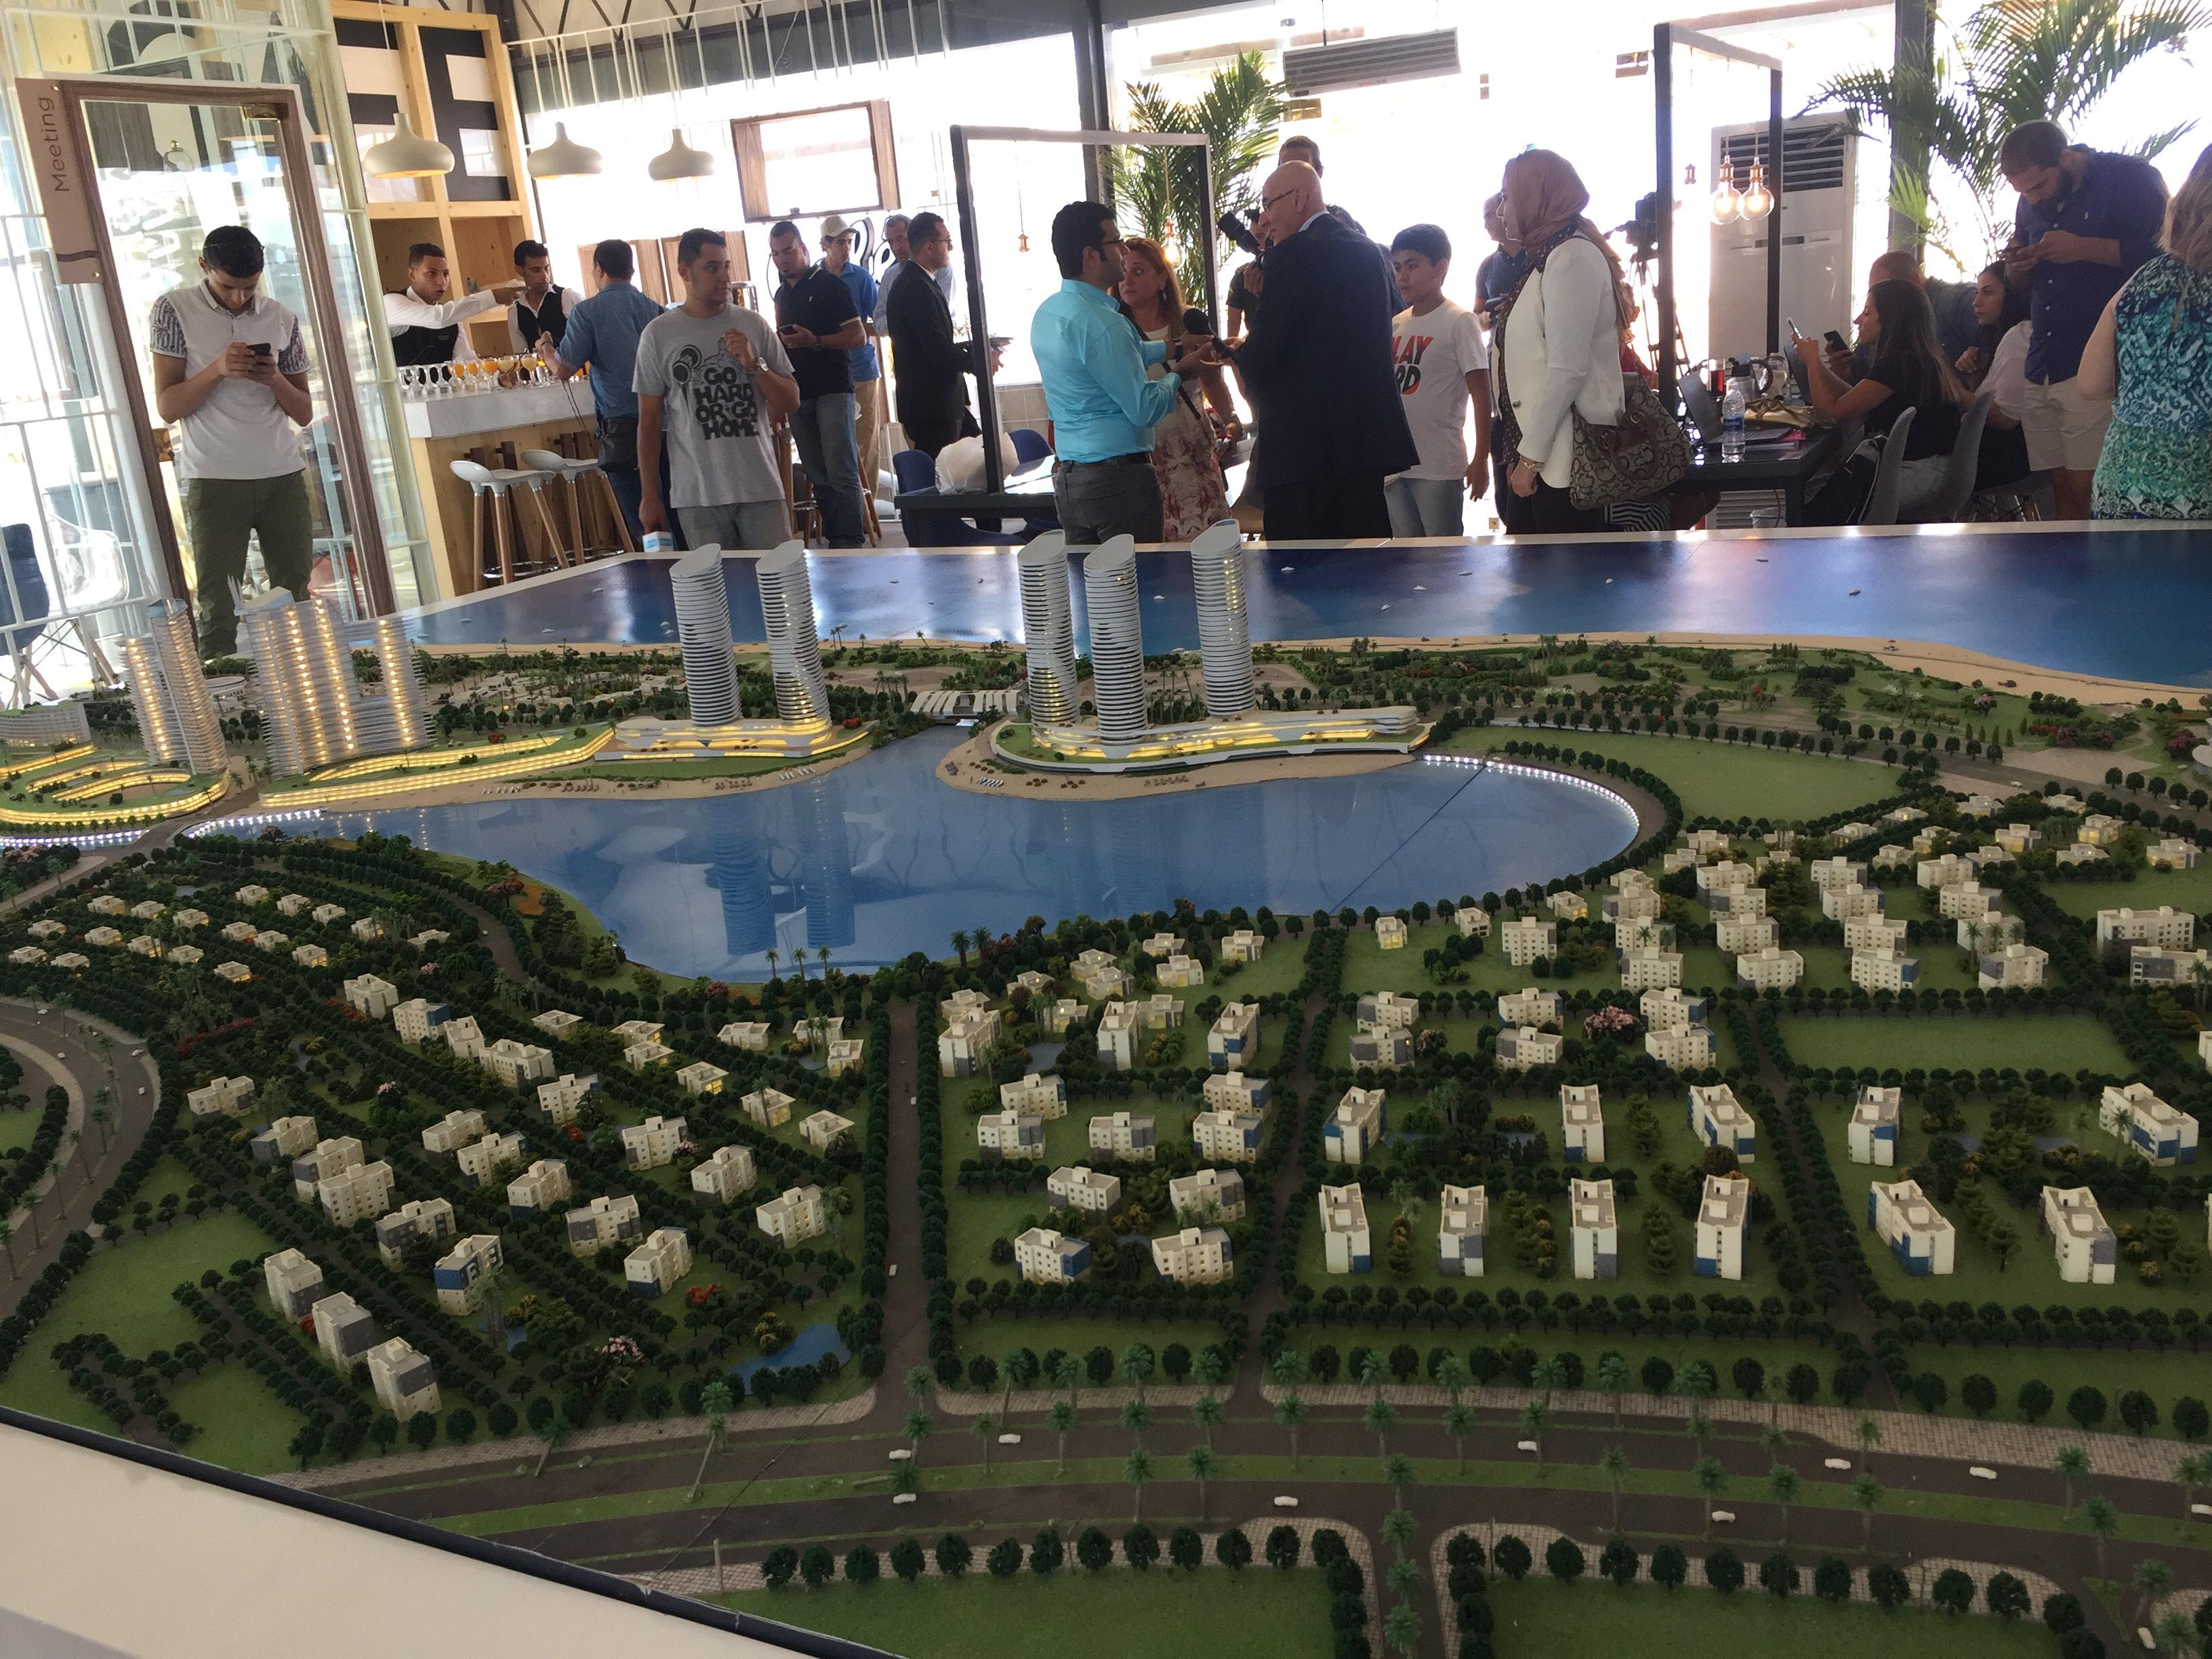 مؤتمر للاعلان عن تفاصيل تسويق ابراج مدينة العلمين الجديدة (1)